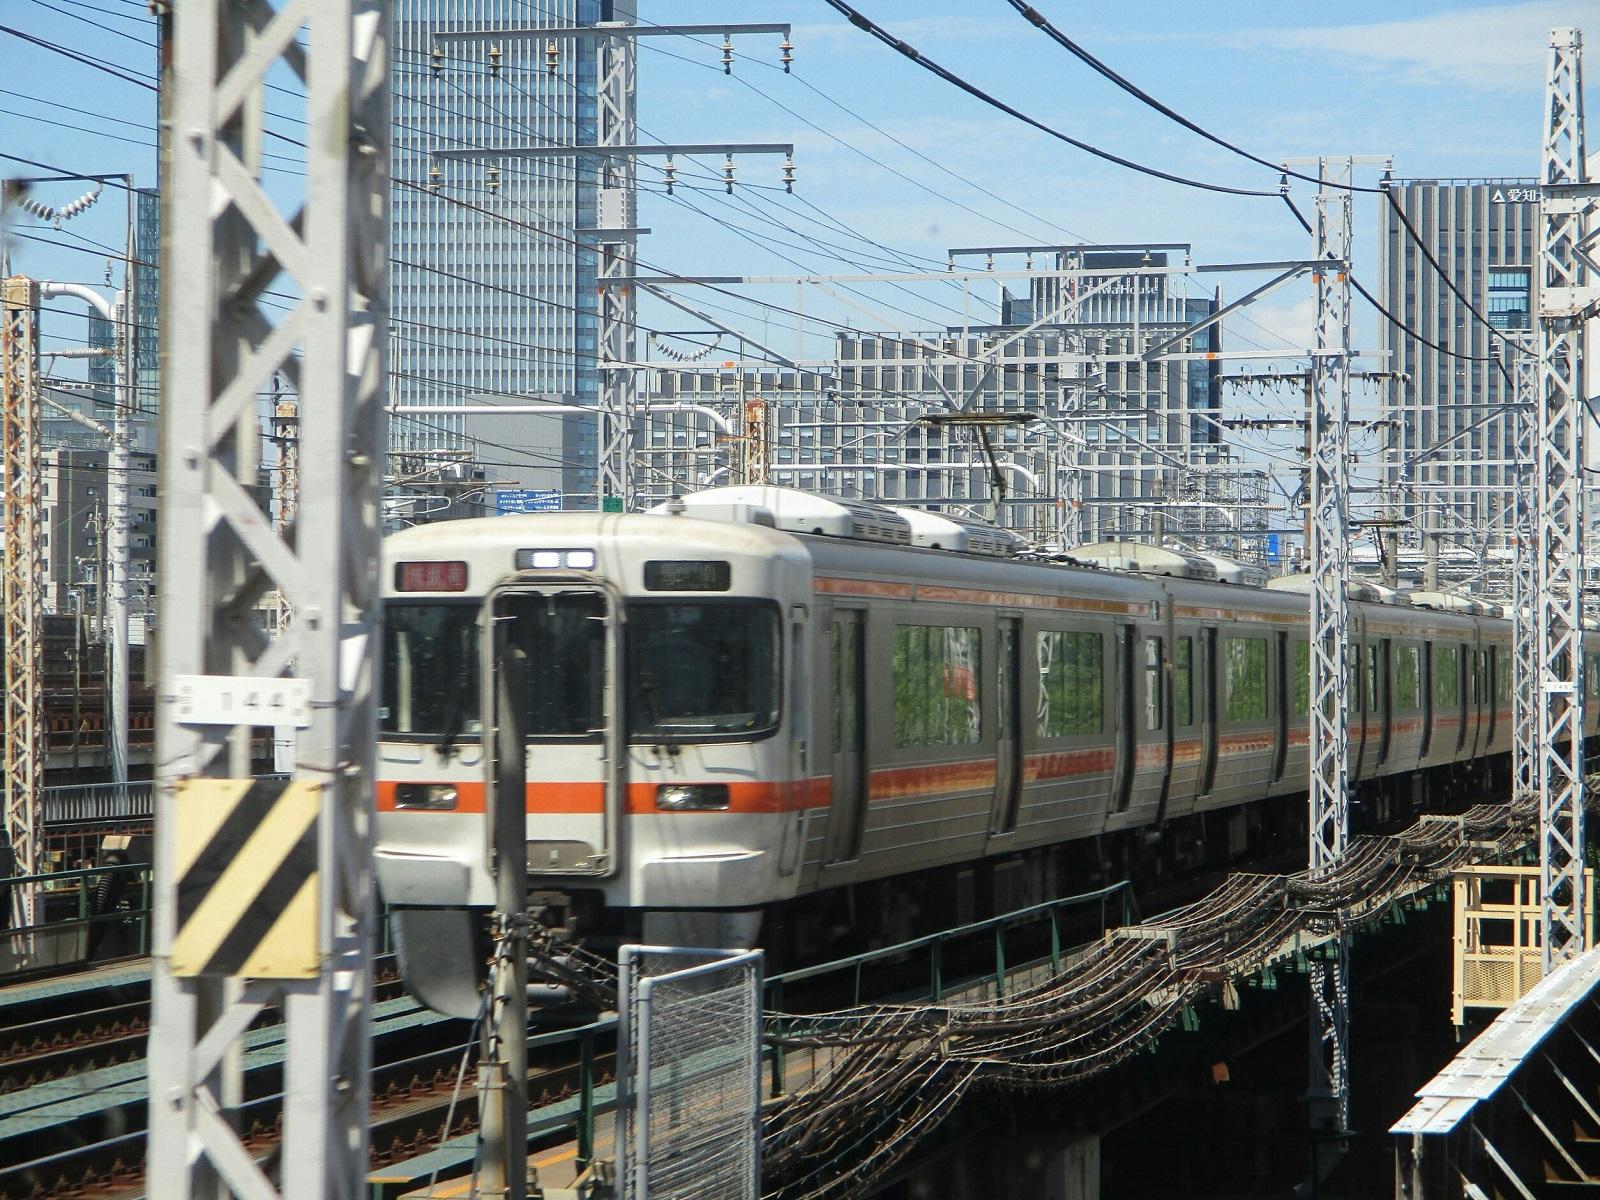 2018.8.27 (33) 弥富いきふつう - 山王-名古屋間 1600-1200